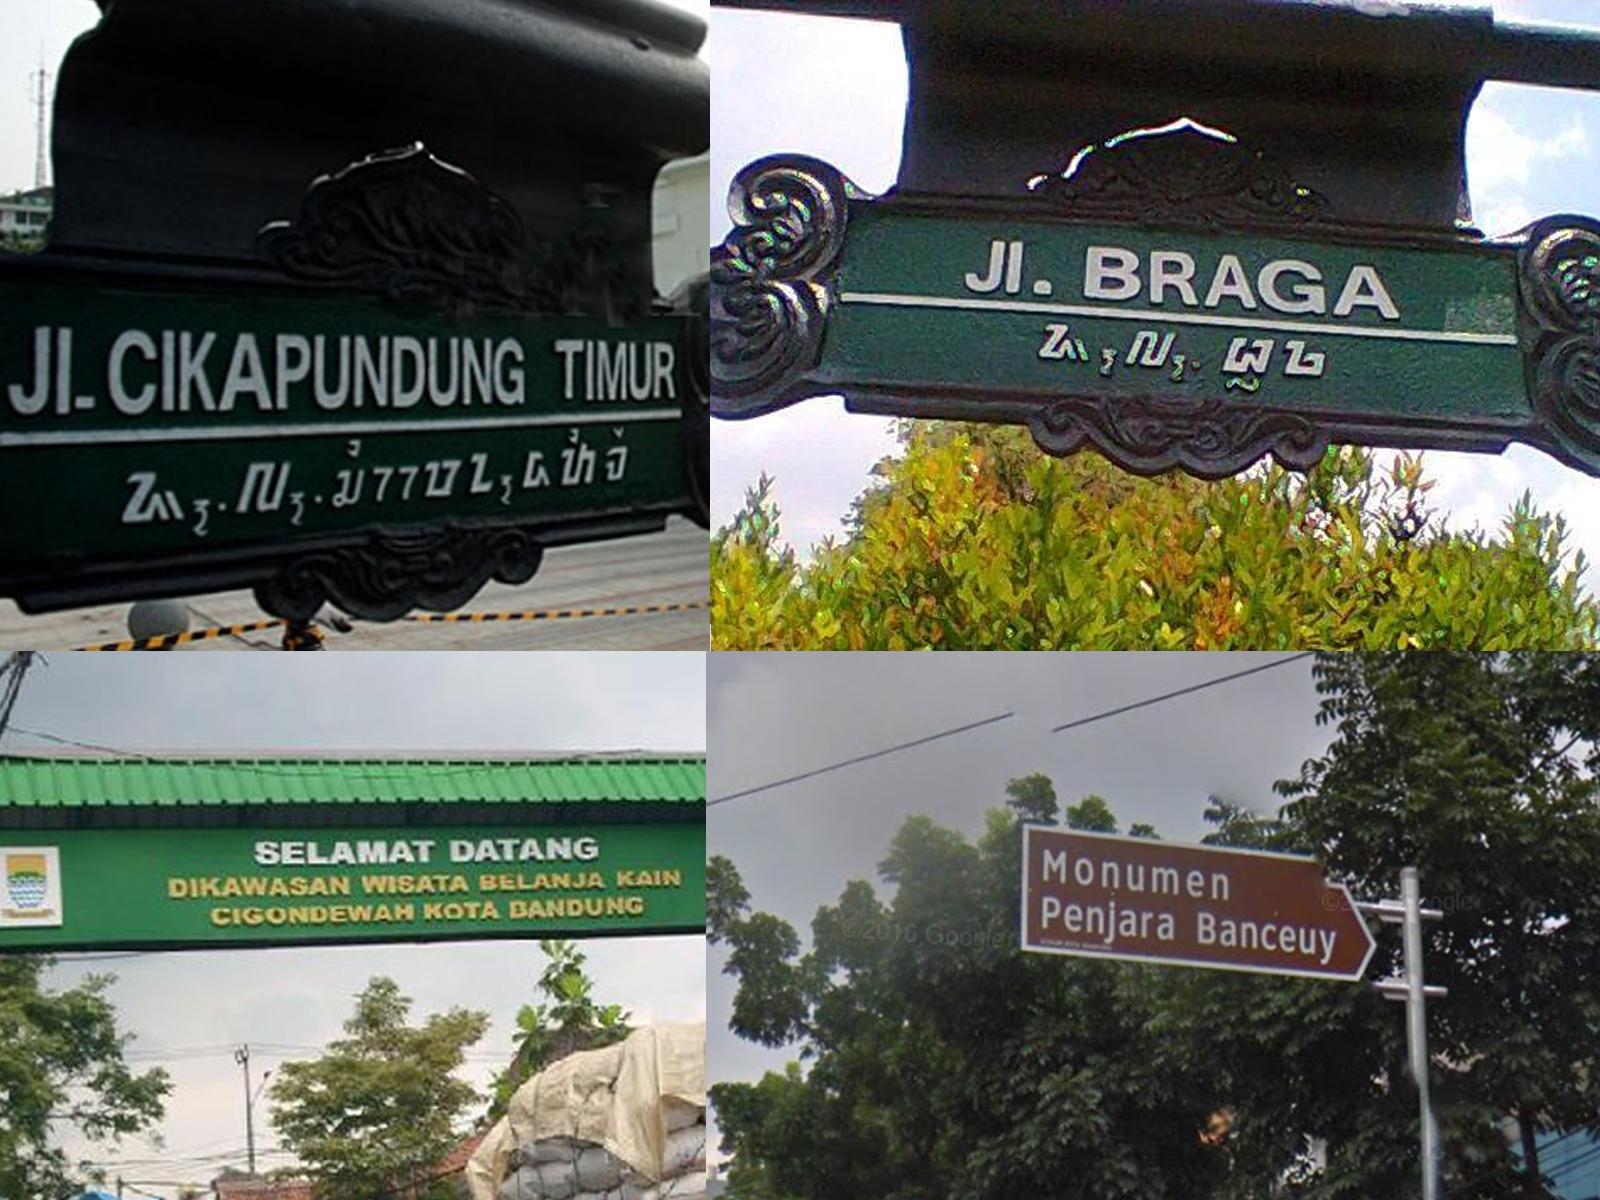 Mengenal Kosakata Bahasa Sunda Dari Nama Nama Tempat Di Bandung